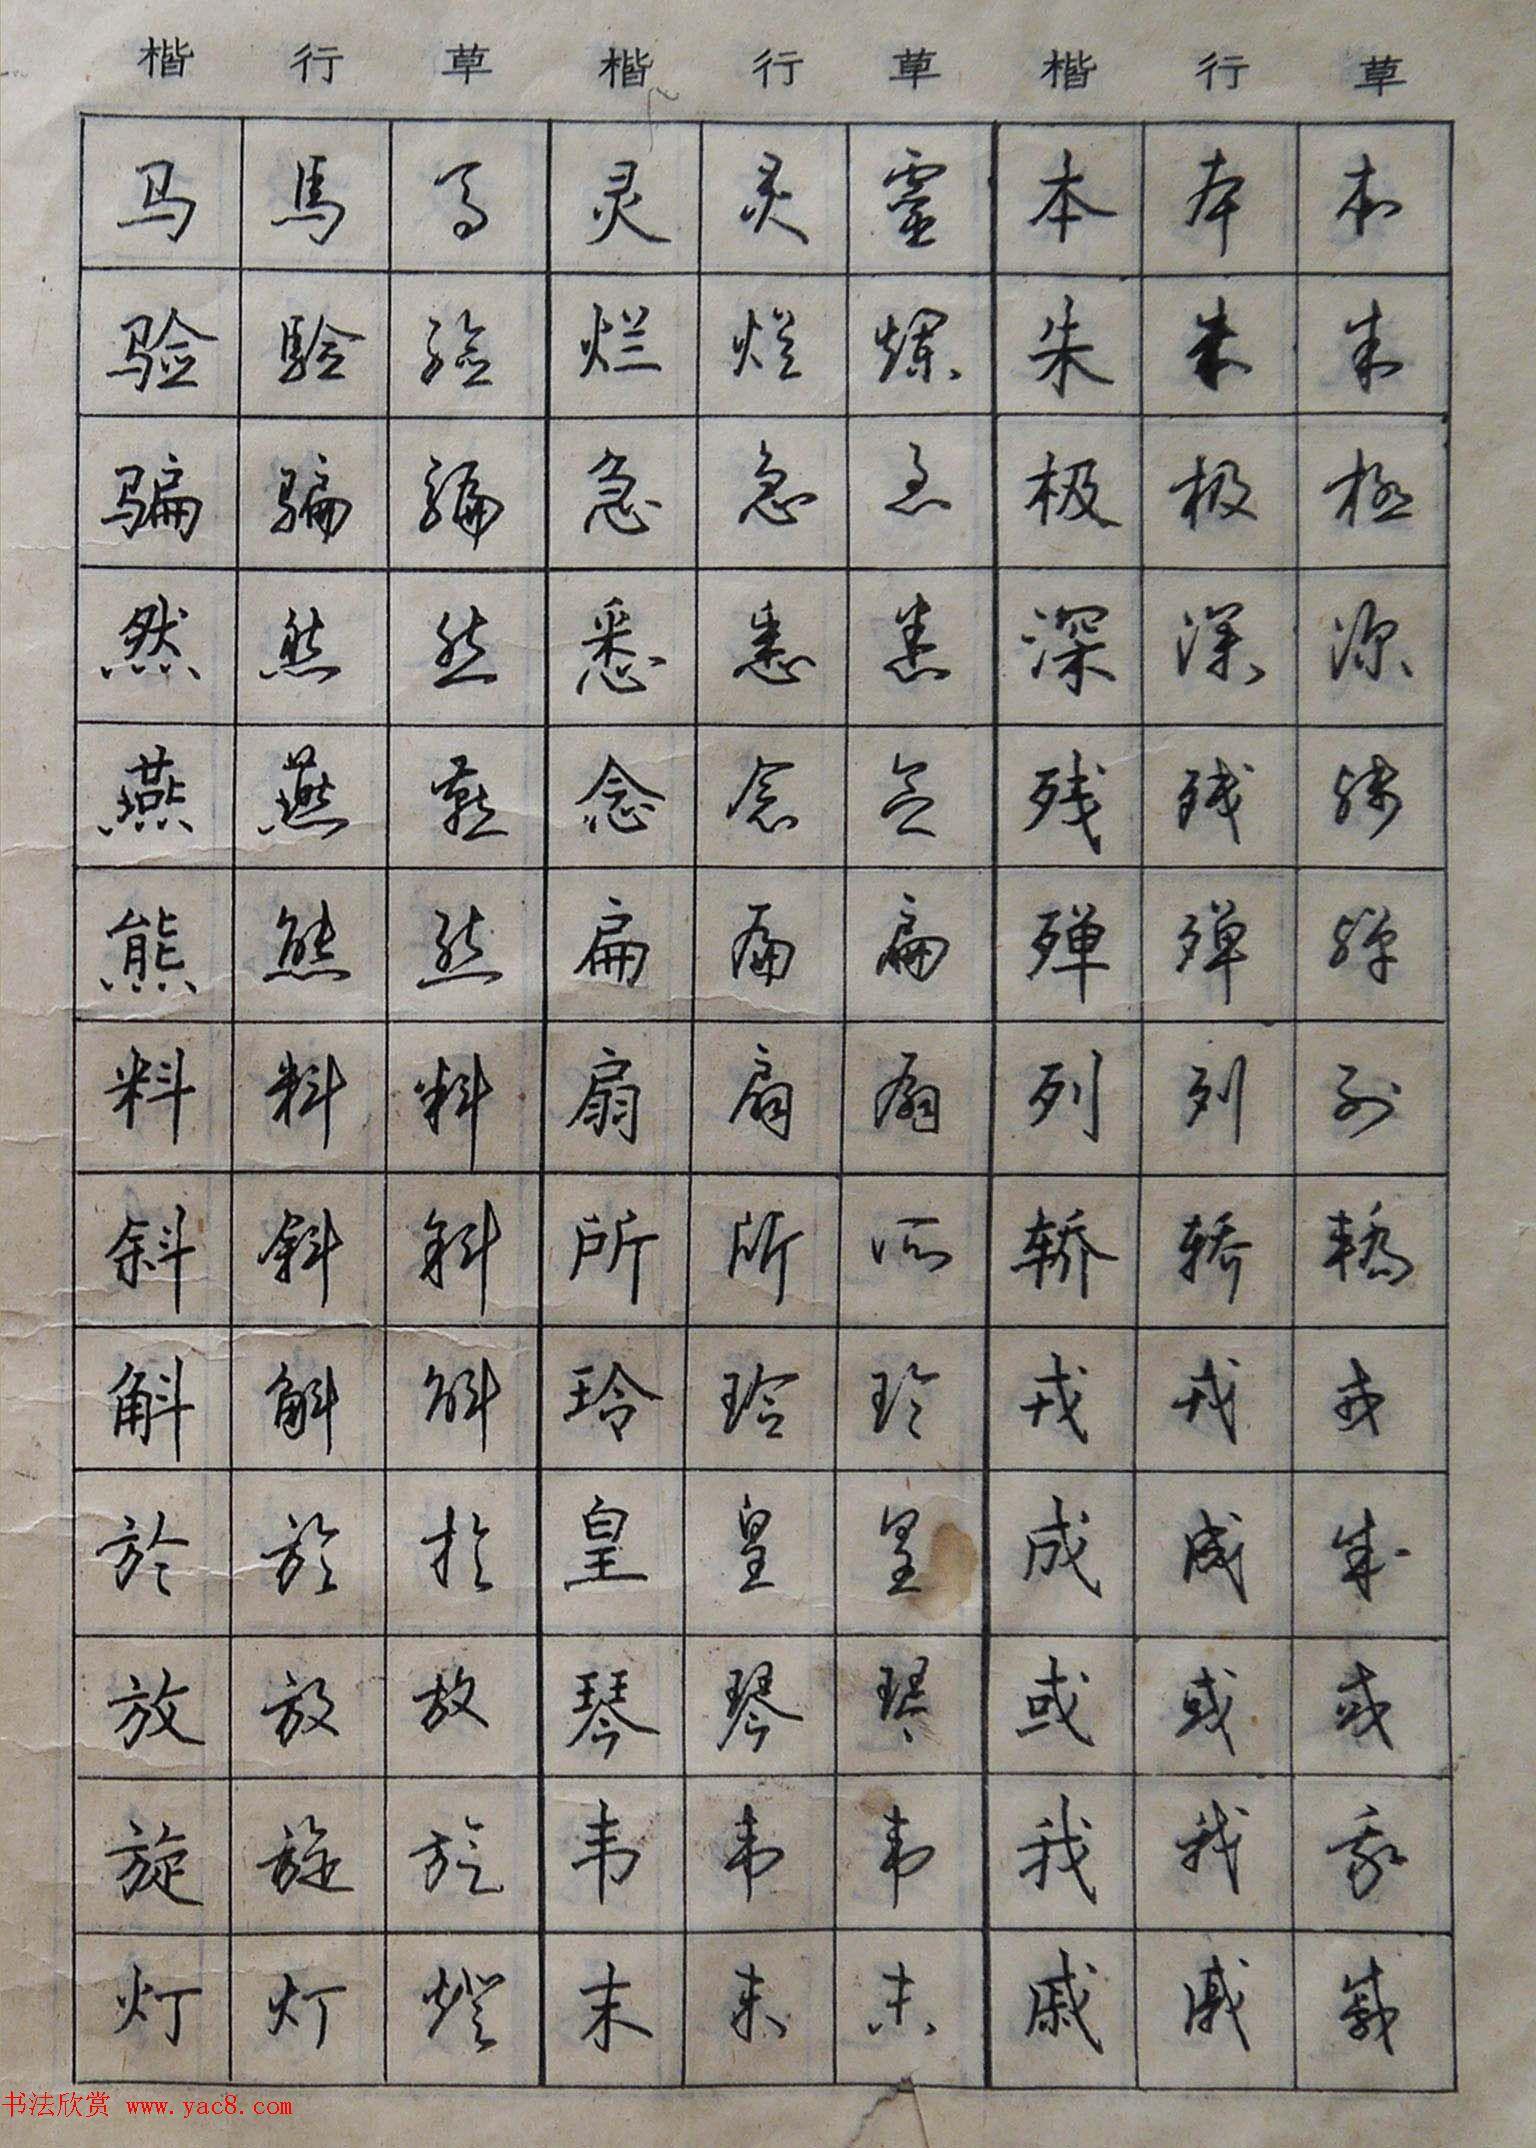 沈鸿根楷书行书草书三体钢笔习字帖(5)图片